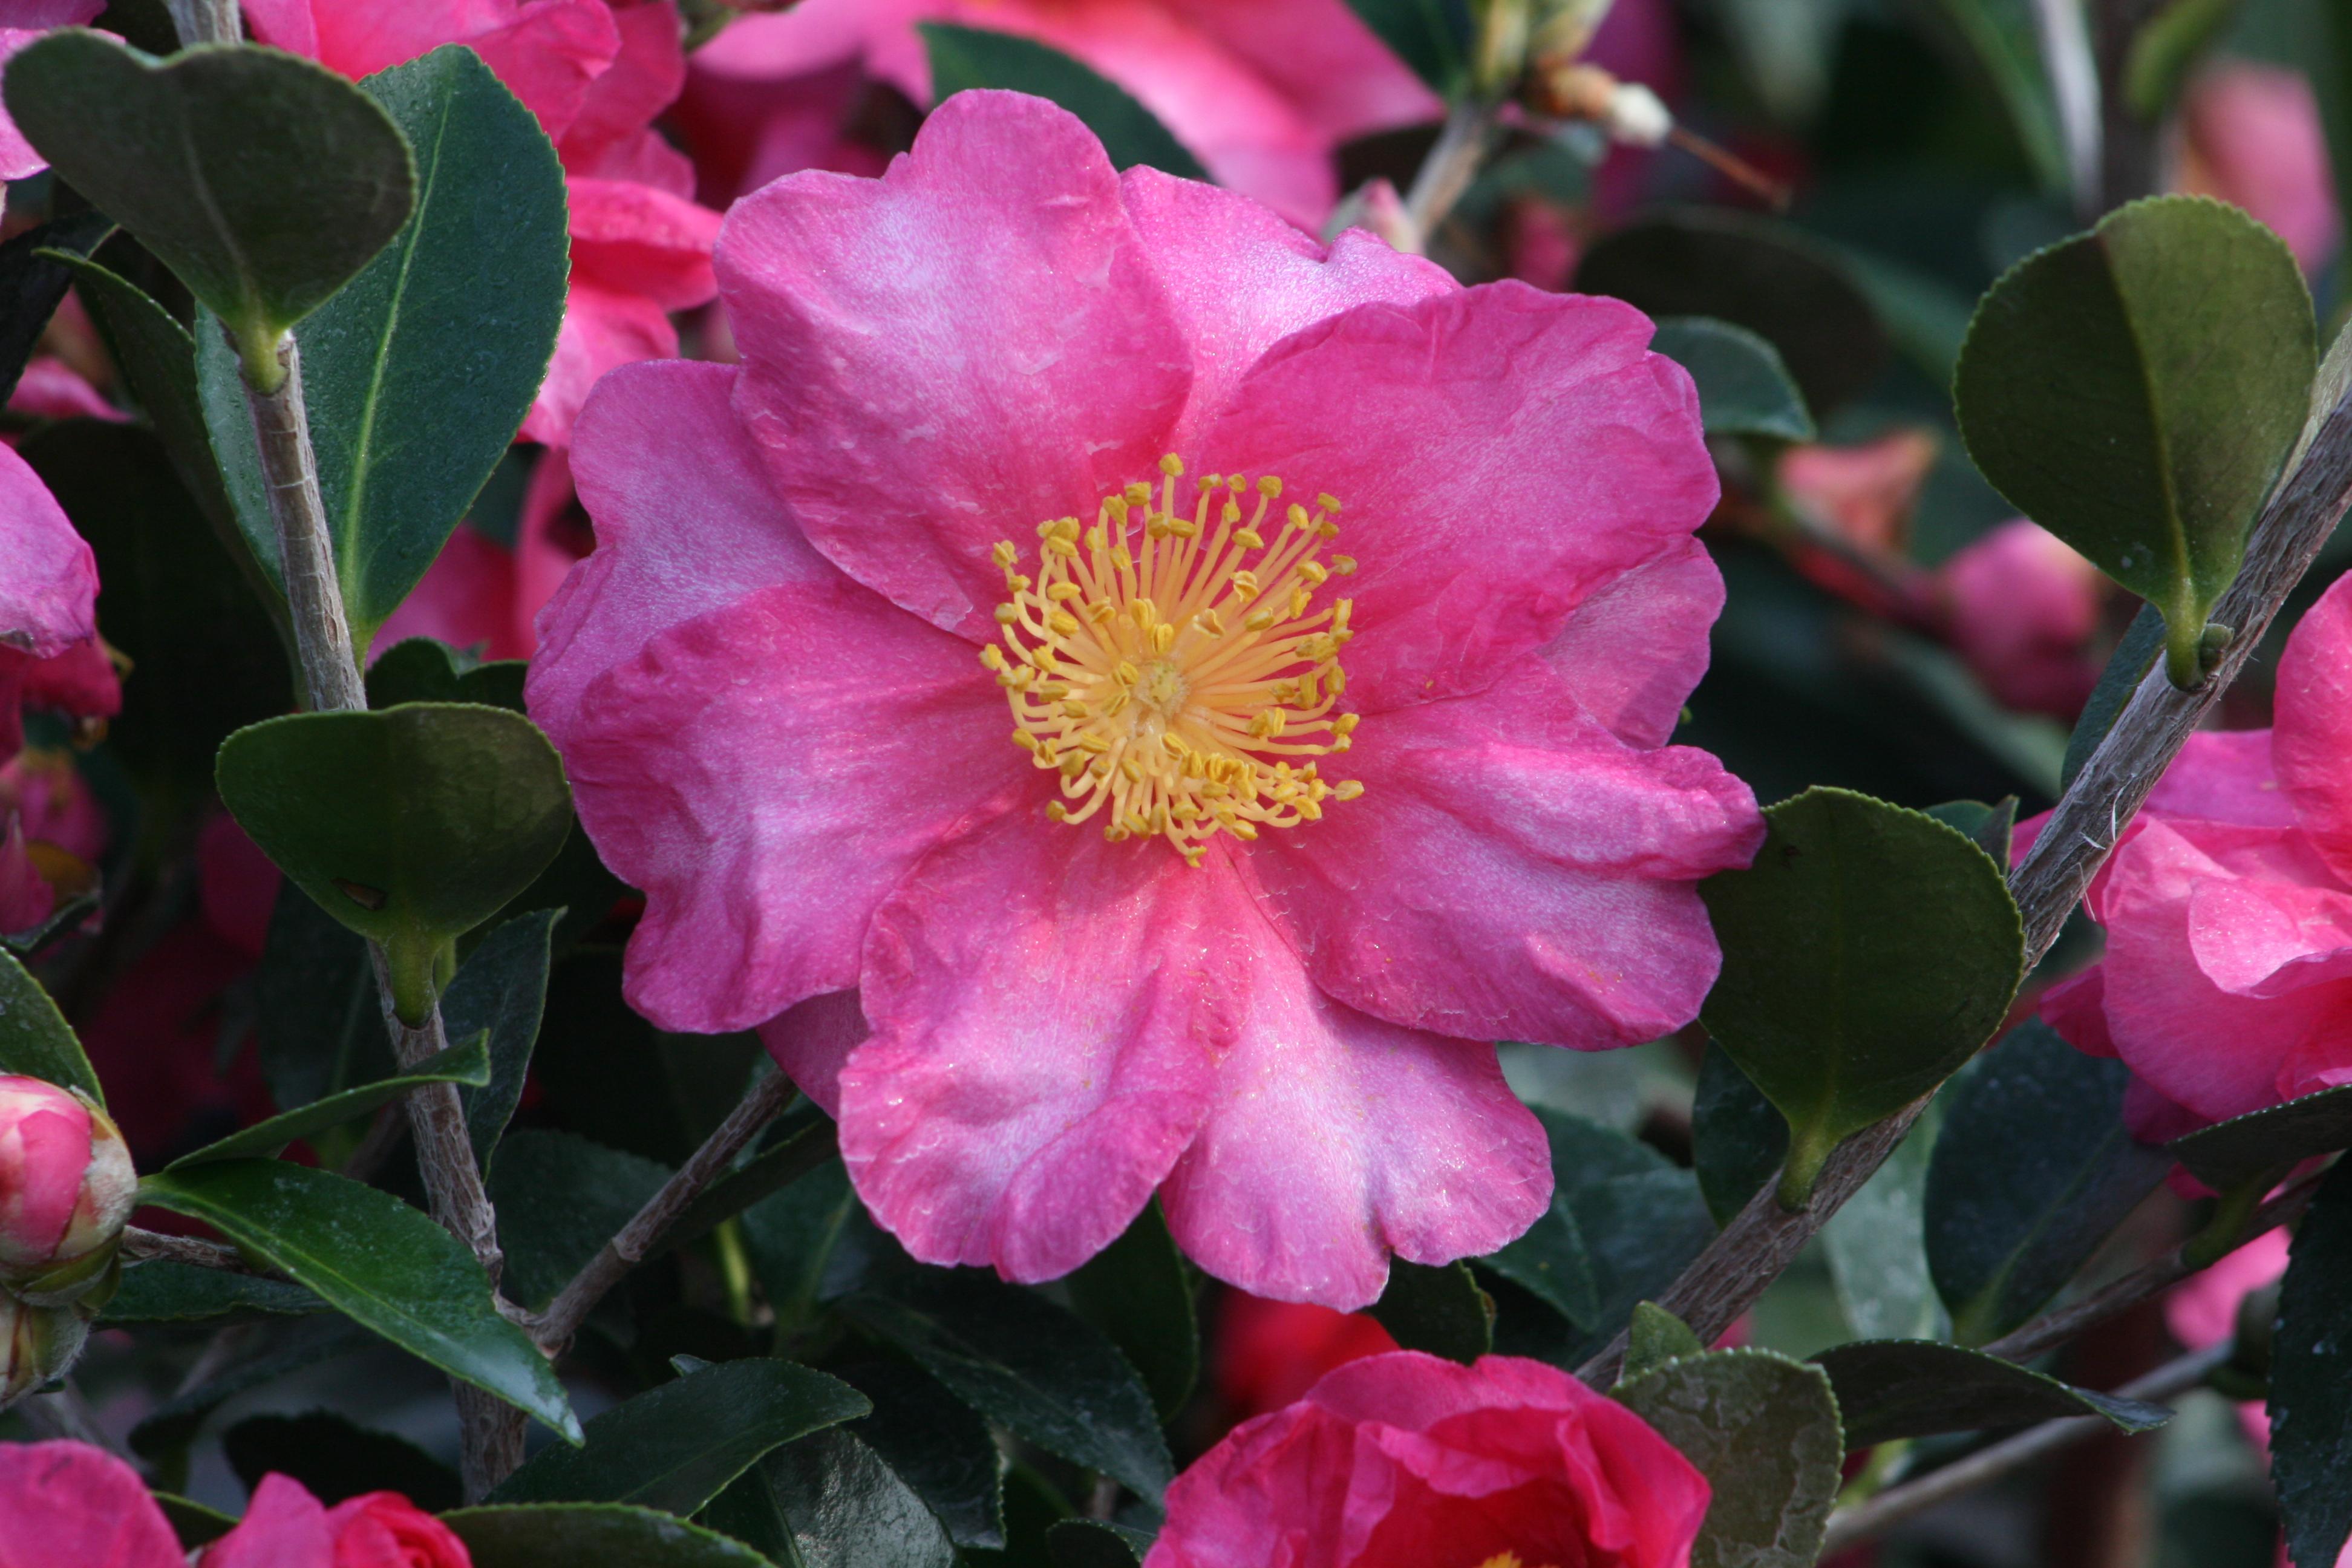 Shishi Gashira Camellia Monrovia